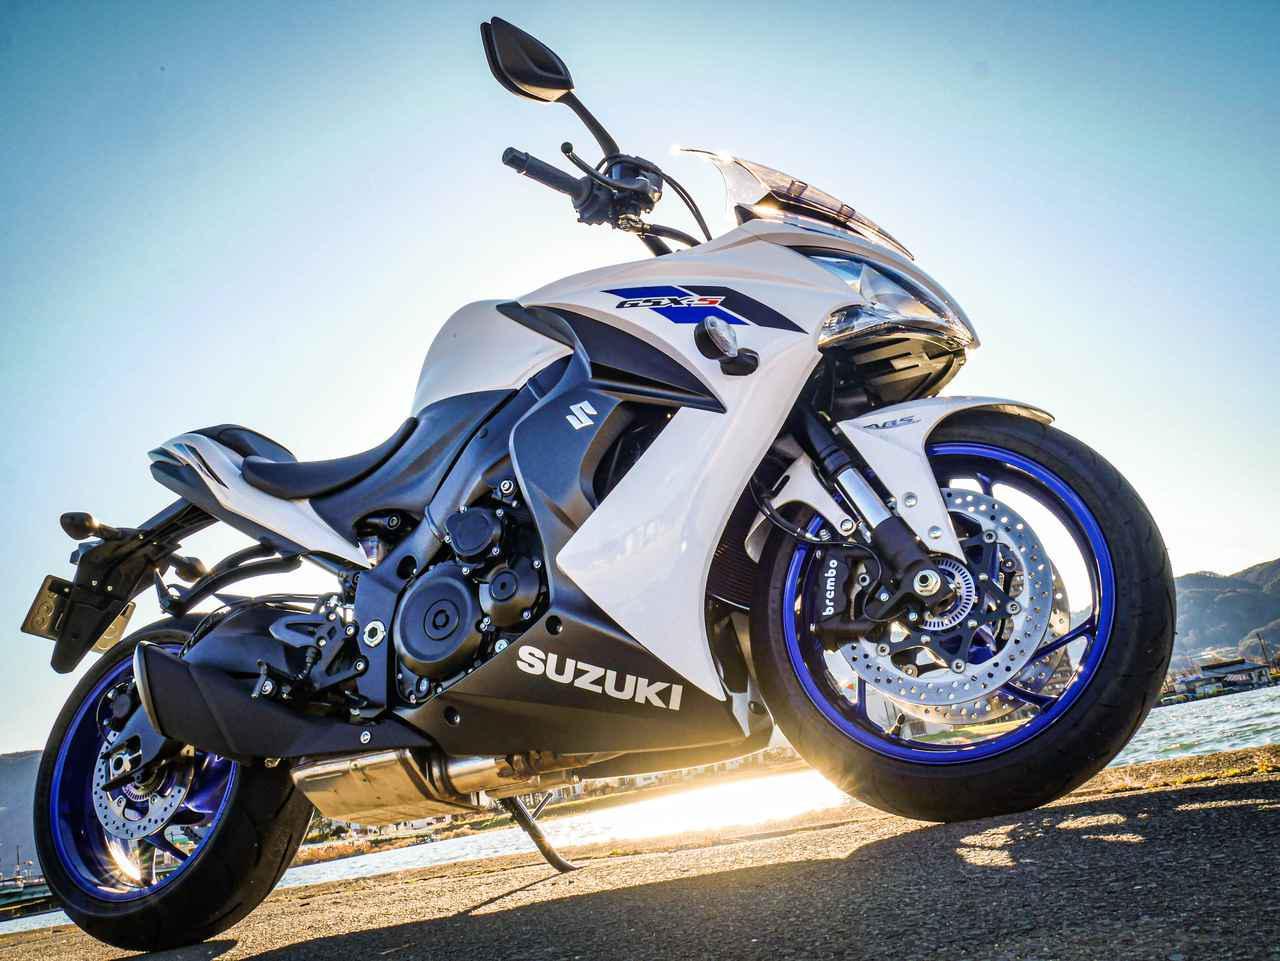 画像: 【前編】本物の速さが欲しい! でもキツいのは嫌……という人に『GSX-S1000F』以上のおすすめ国産大型バイクはあるのか? - スズキのバイク!